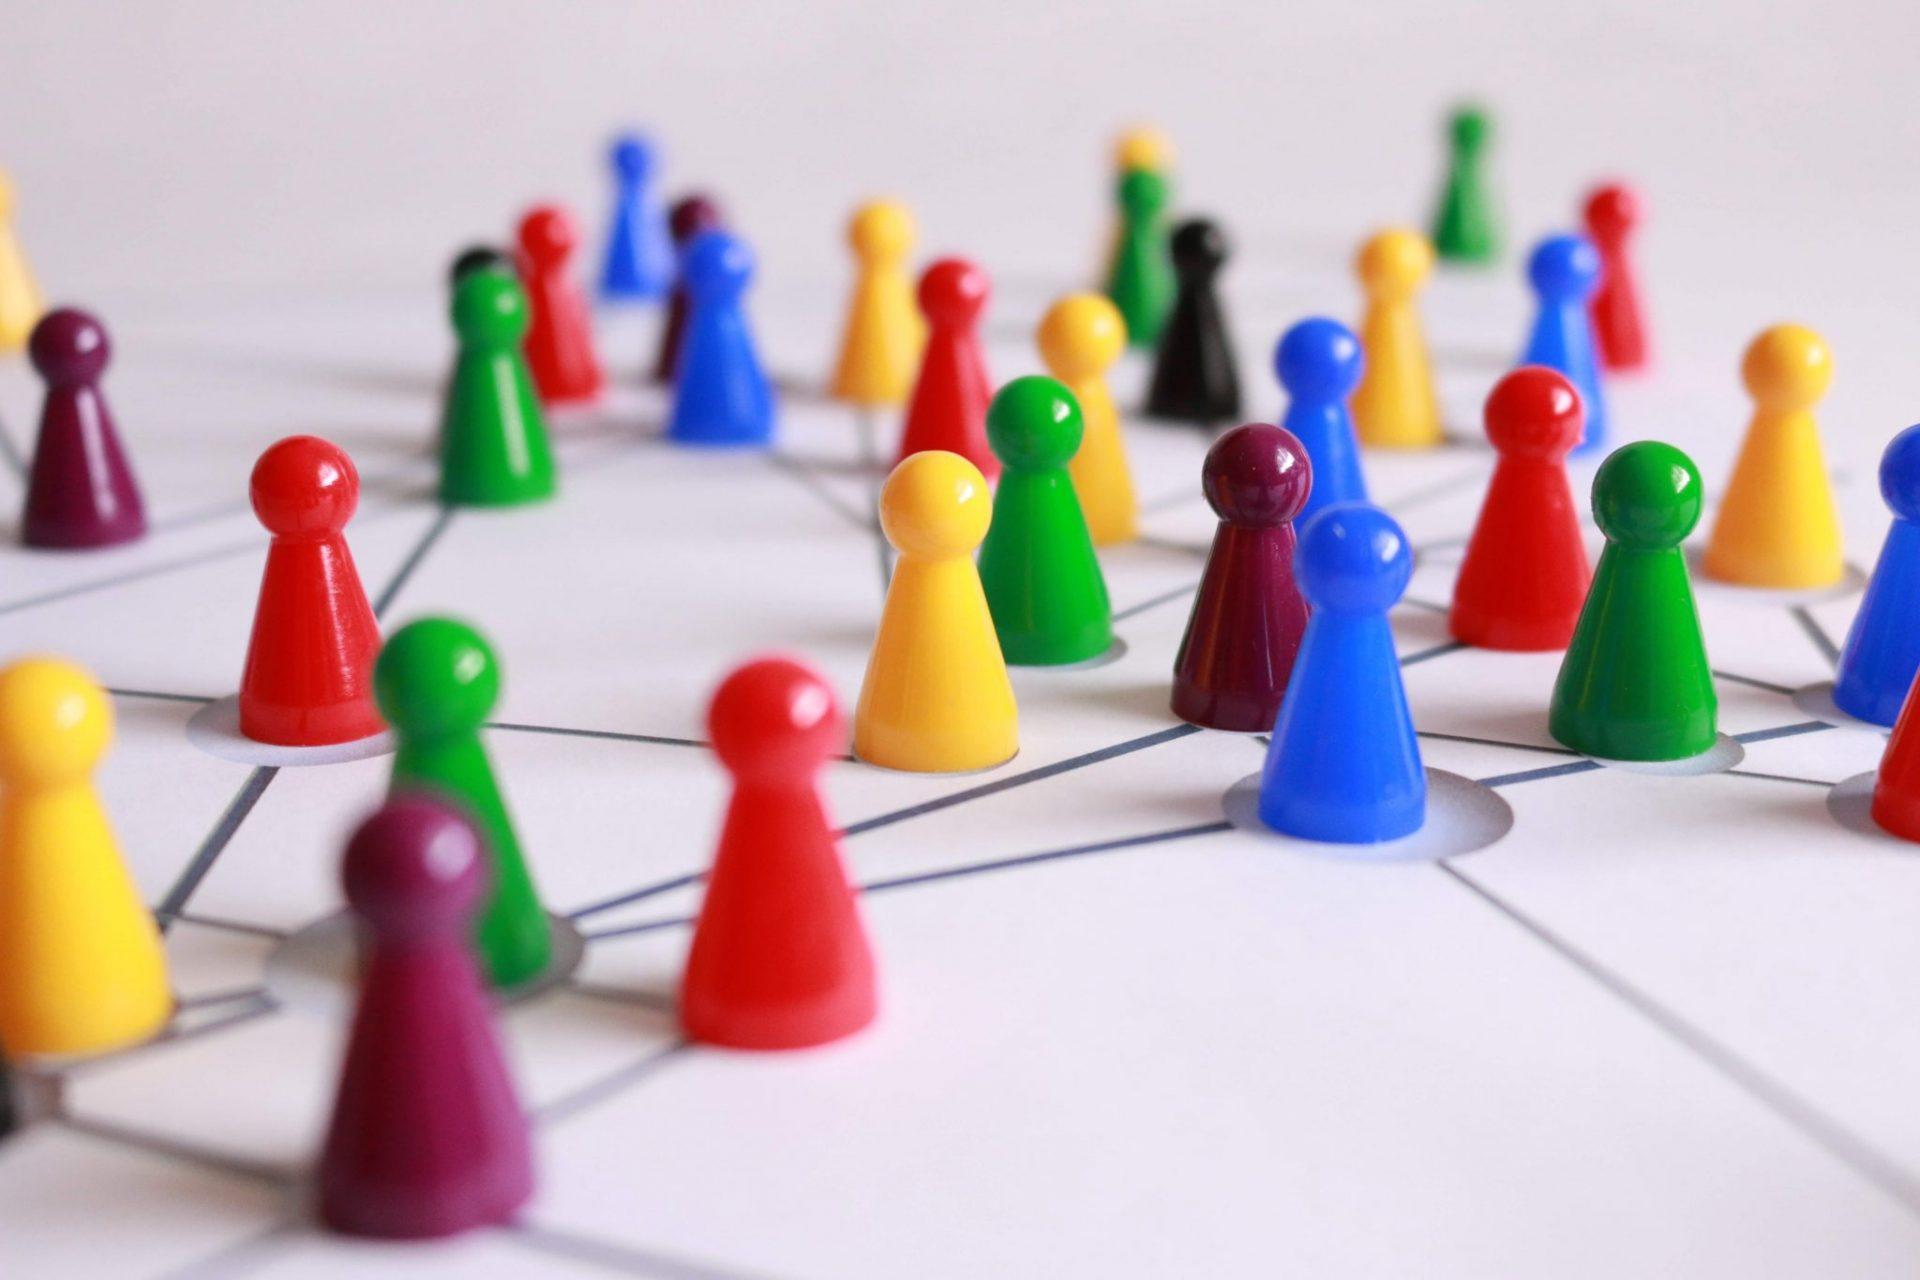 Networking 1 - Marketing pessoal: como usar a internet para crescer profissionalmente